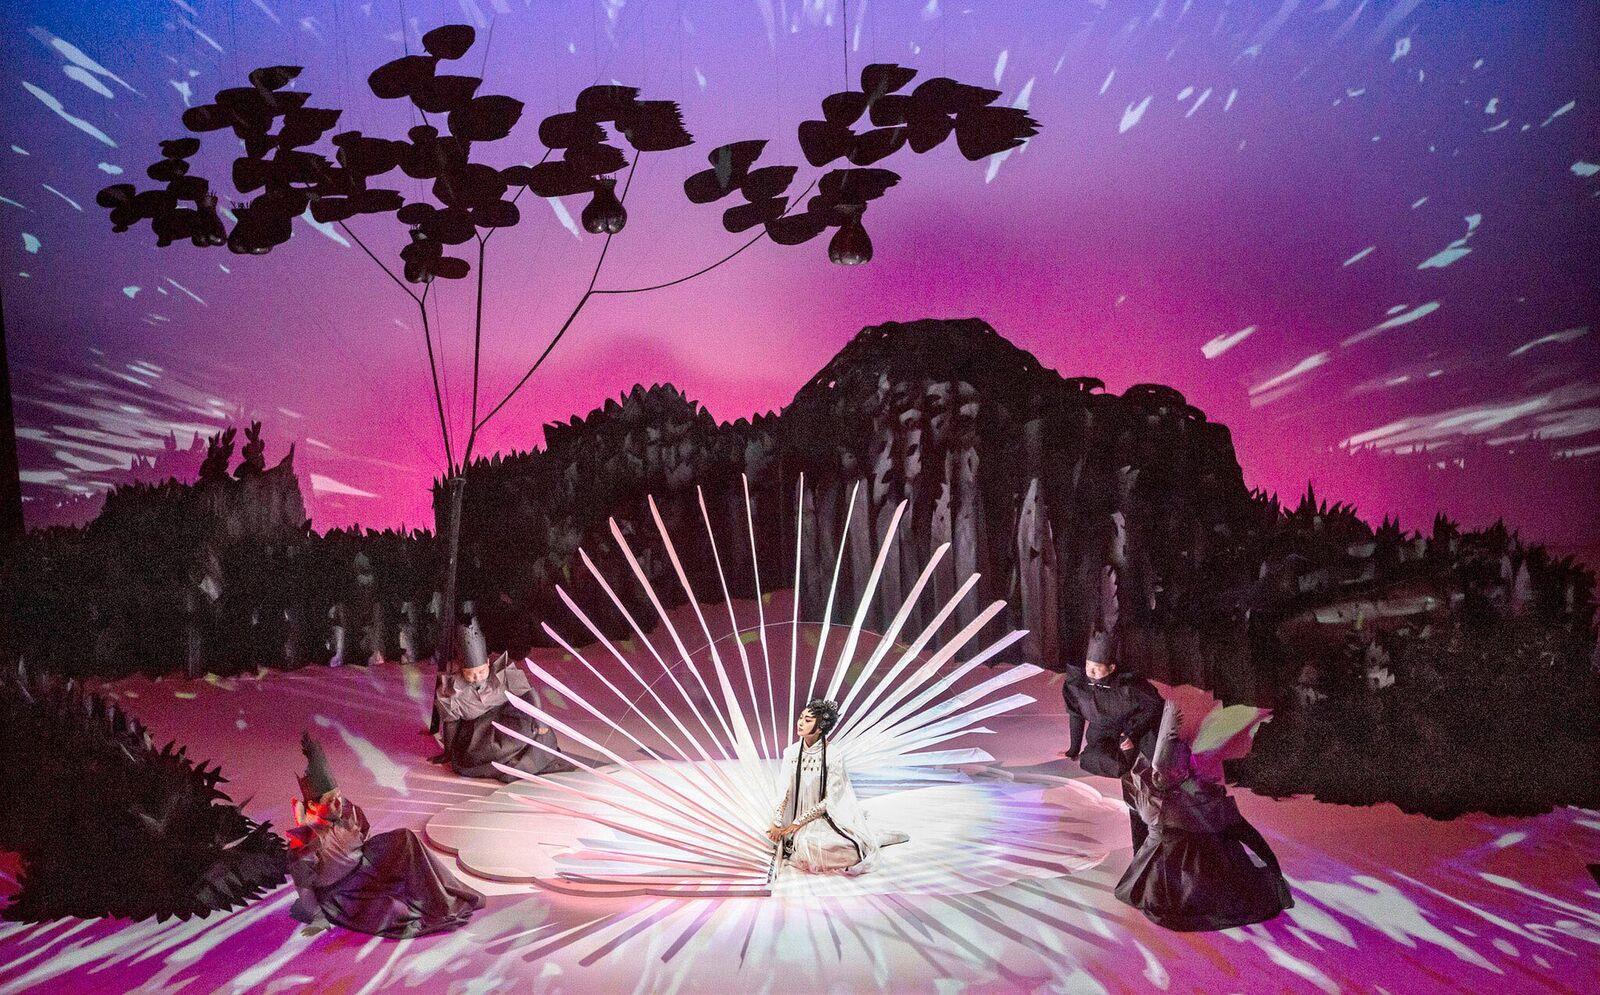 圖七由衛武營、林肯中心、美國斯波萊多藝術節及新加坡藝術節跨國共製的獨幕歌劇《驚園》將於開幕季中演出,詩意般地融合角.jpg